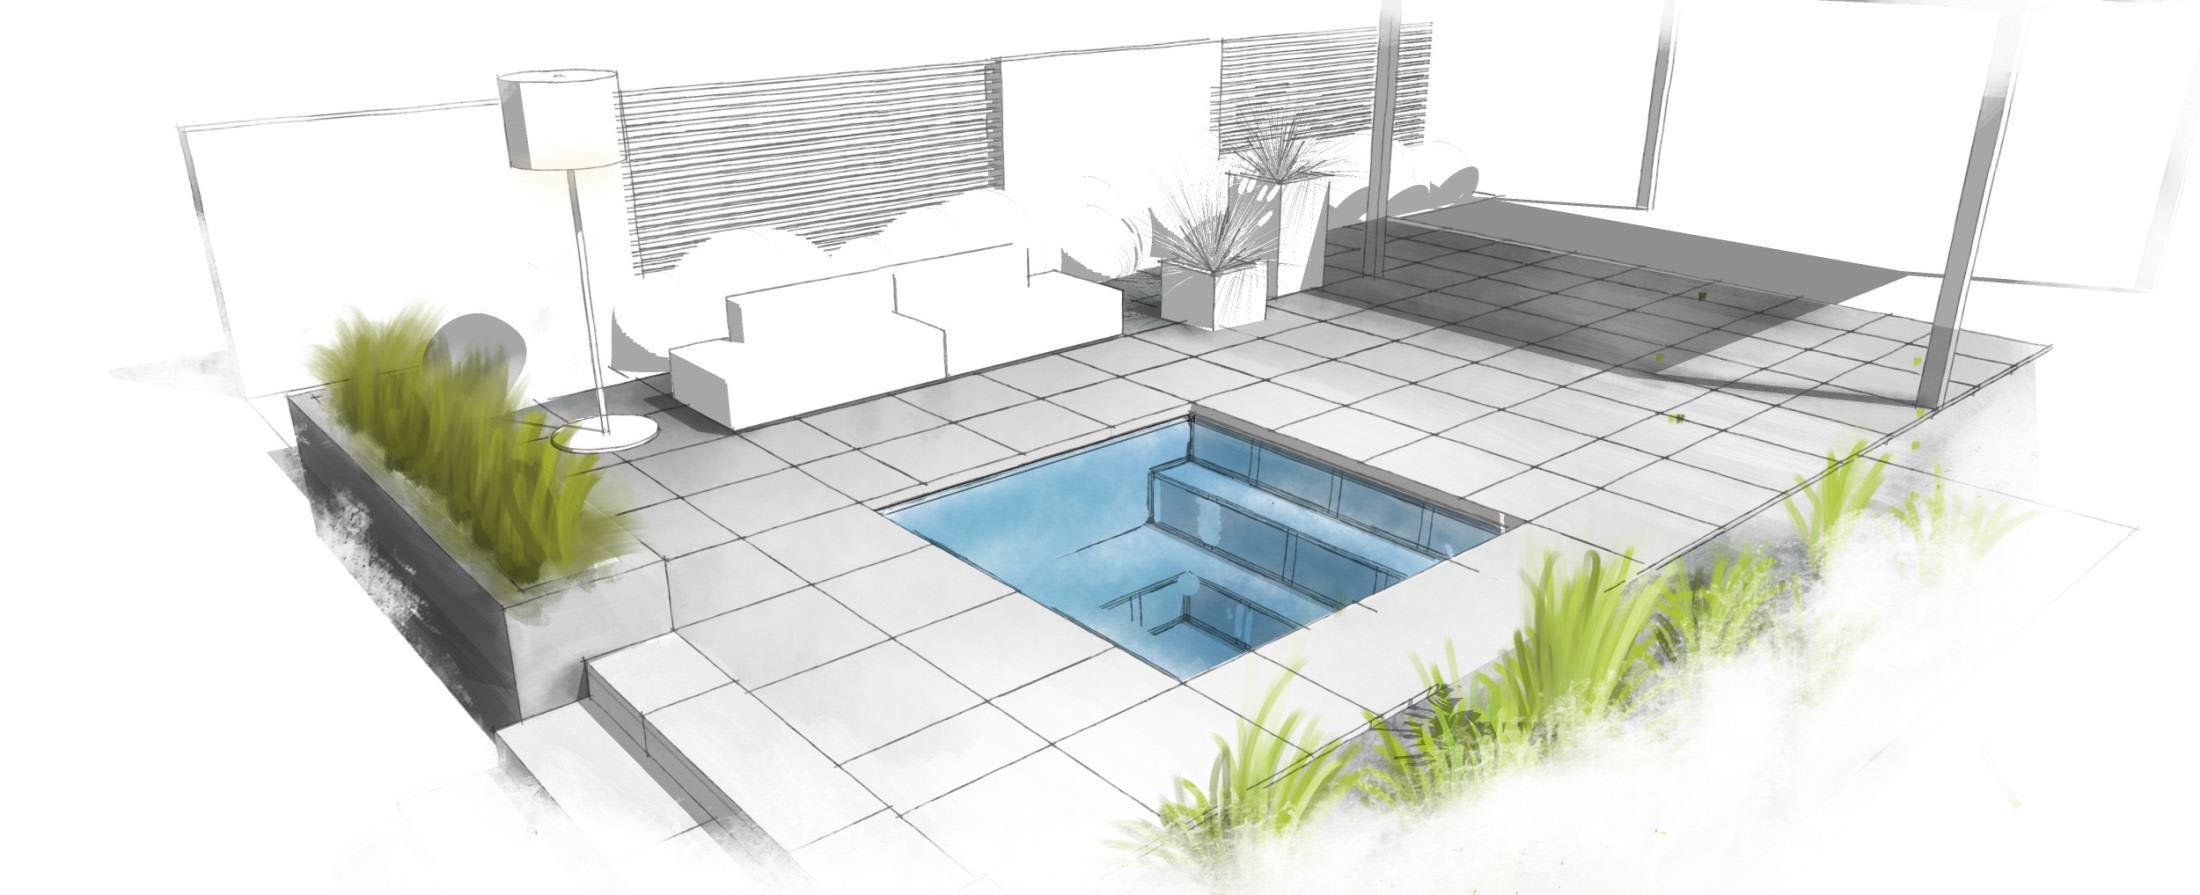 Pools Fur Kleine Garten Und Terrassen Entspannung Und Erholung Pur